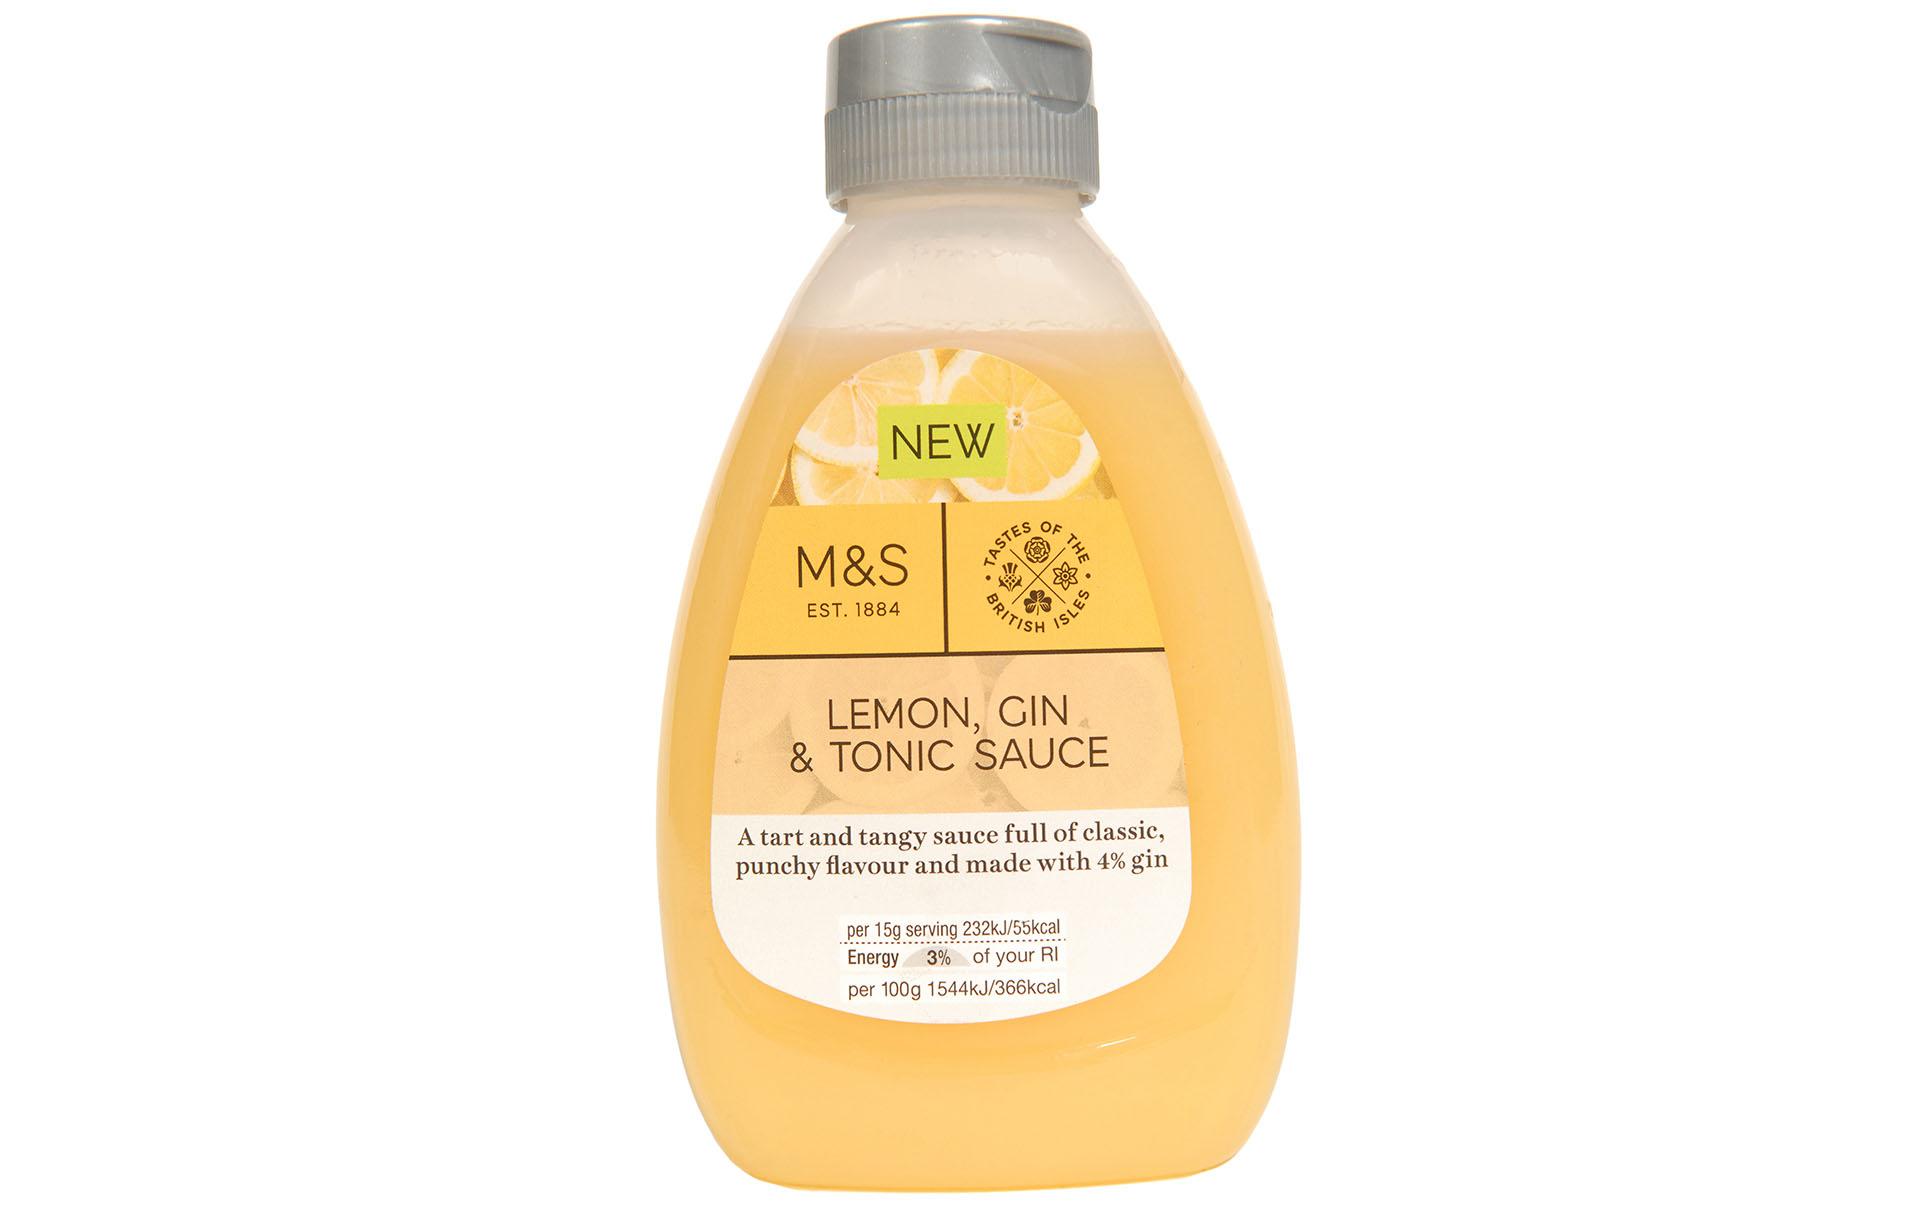 marks spencer lemon gin tonic sauce